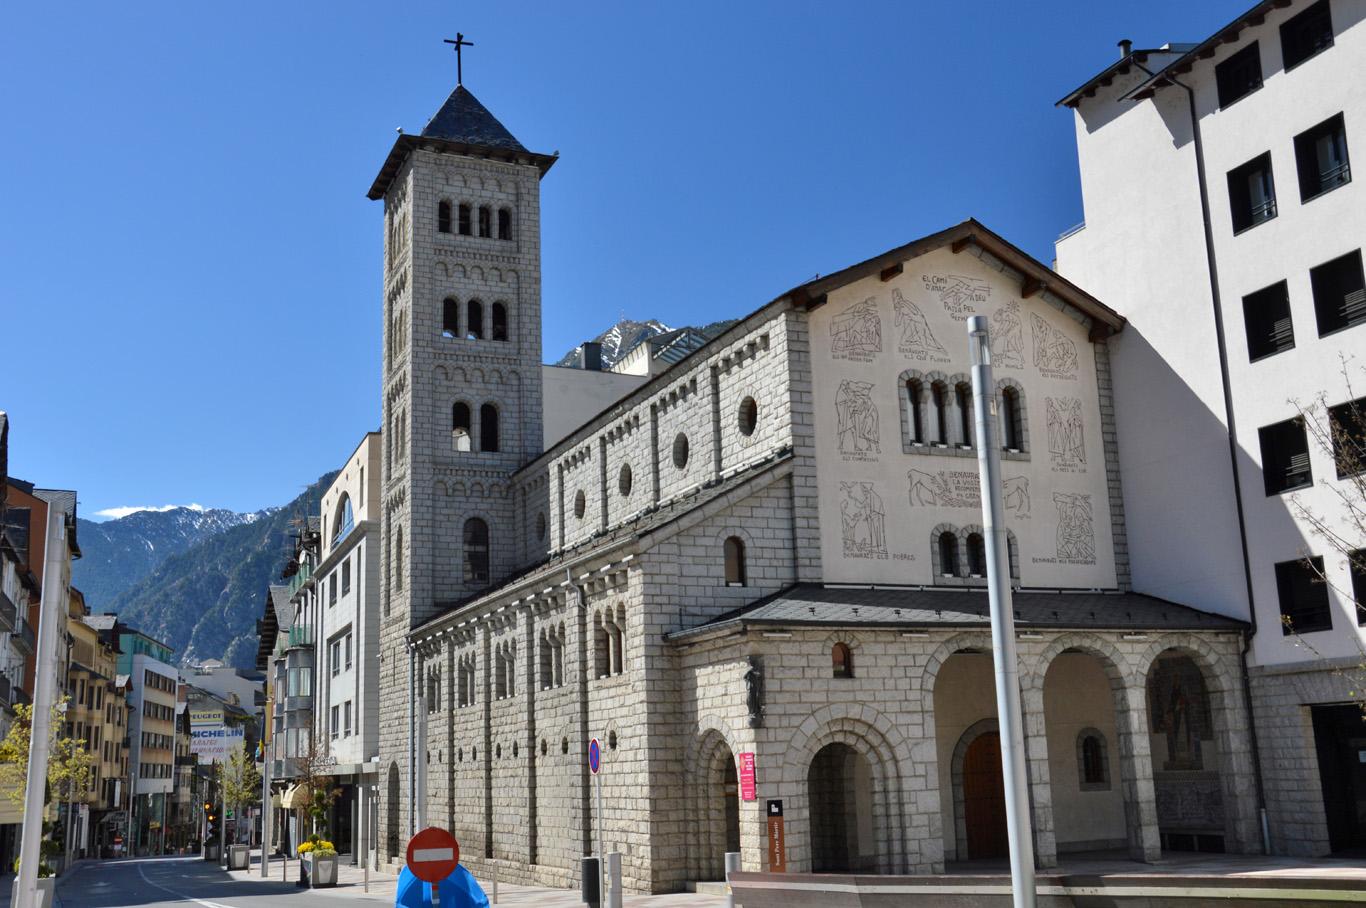 Saint Pere Martir's Church